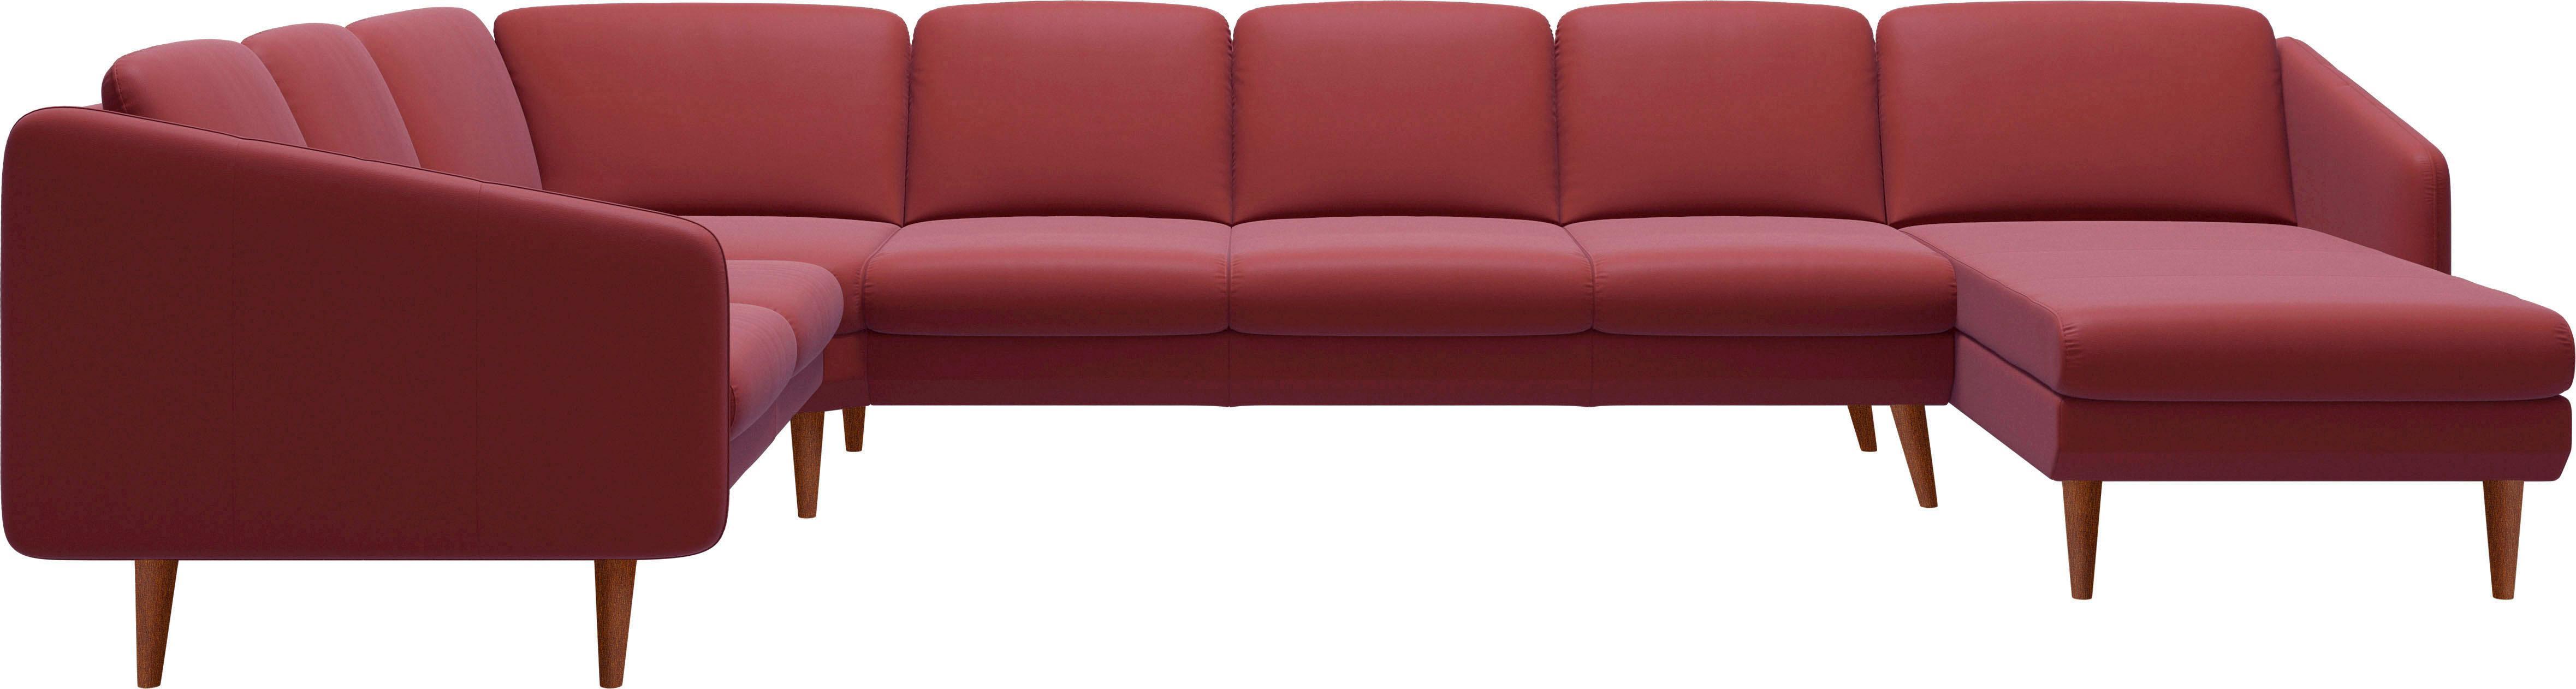 Stressless® Ecke 2-Sitzer/3-Sitzer Trio mit Longseat »Eve« mit schrägen Holzüßen in 3 Ausführungen | Wohnzimmer > Sofas & Couches > 2 & 3 Sitzer Sofas | Leder - Stoff - Polyester | STRESSLESS